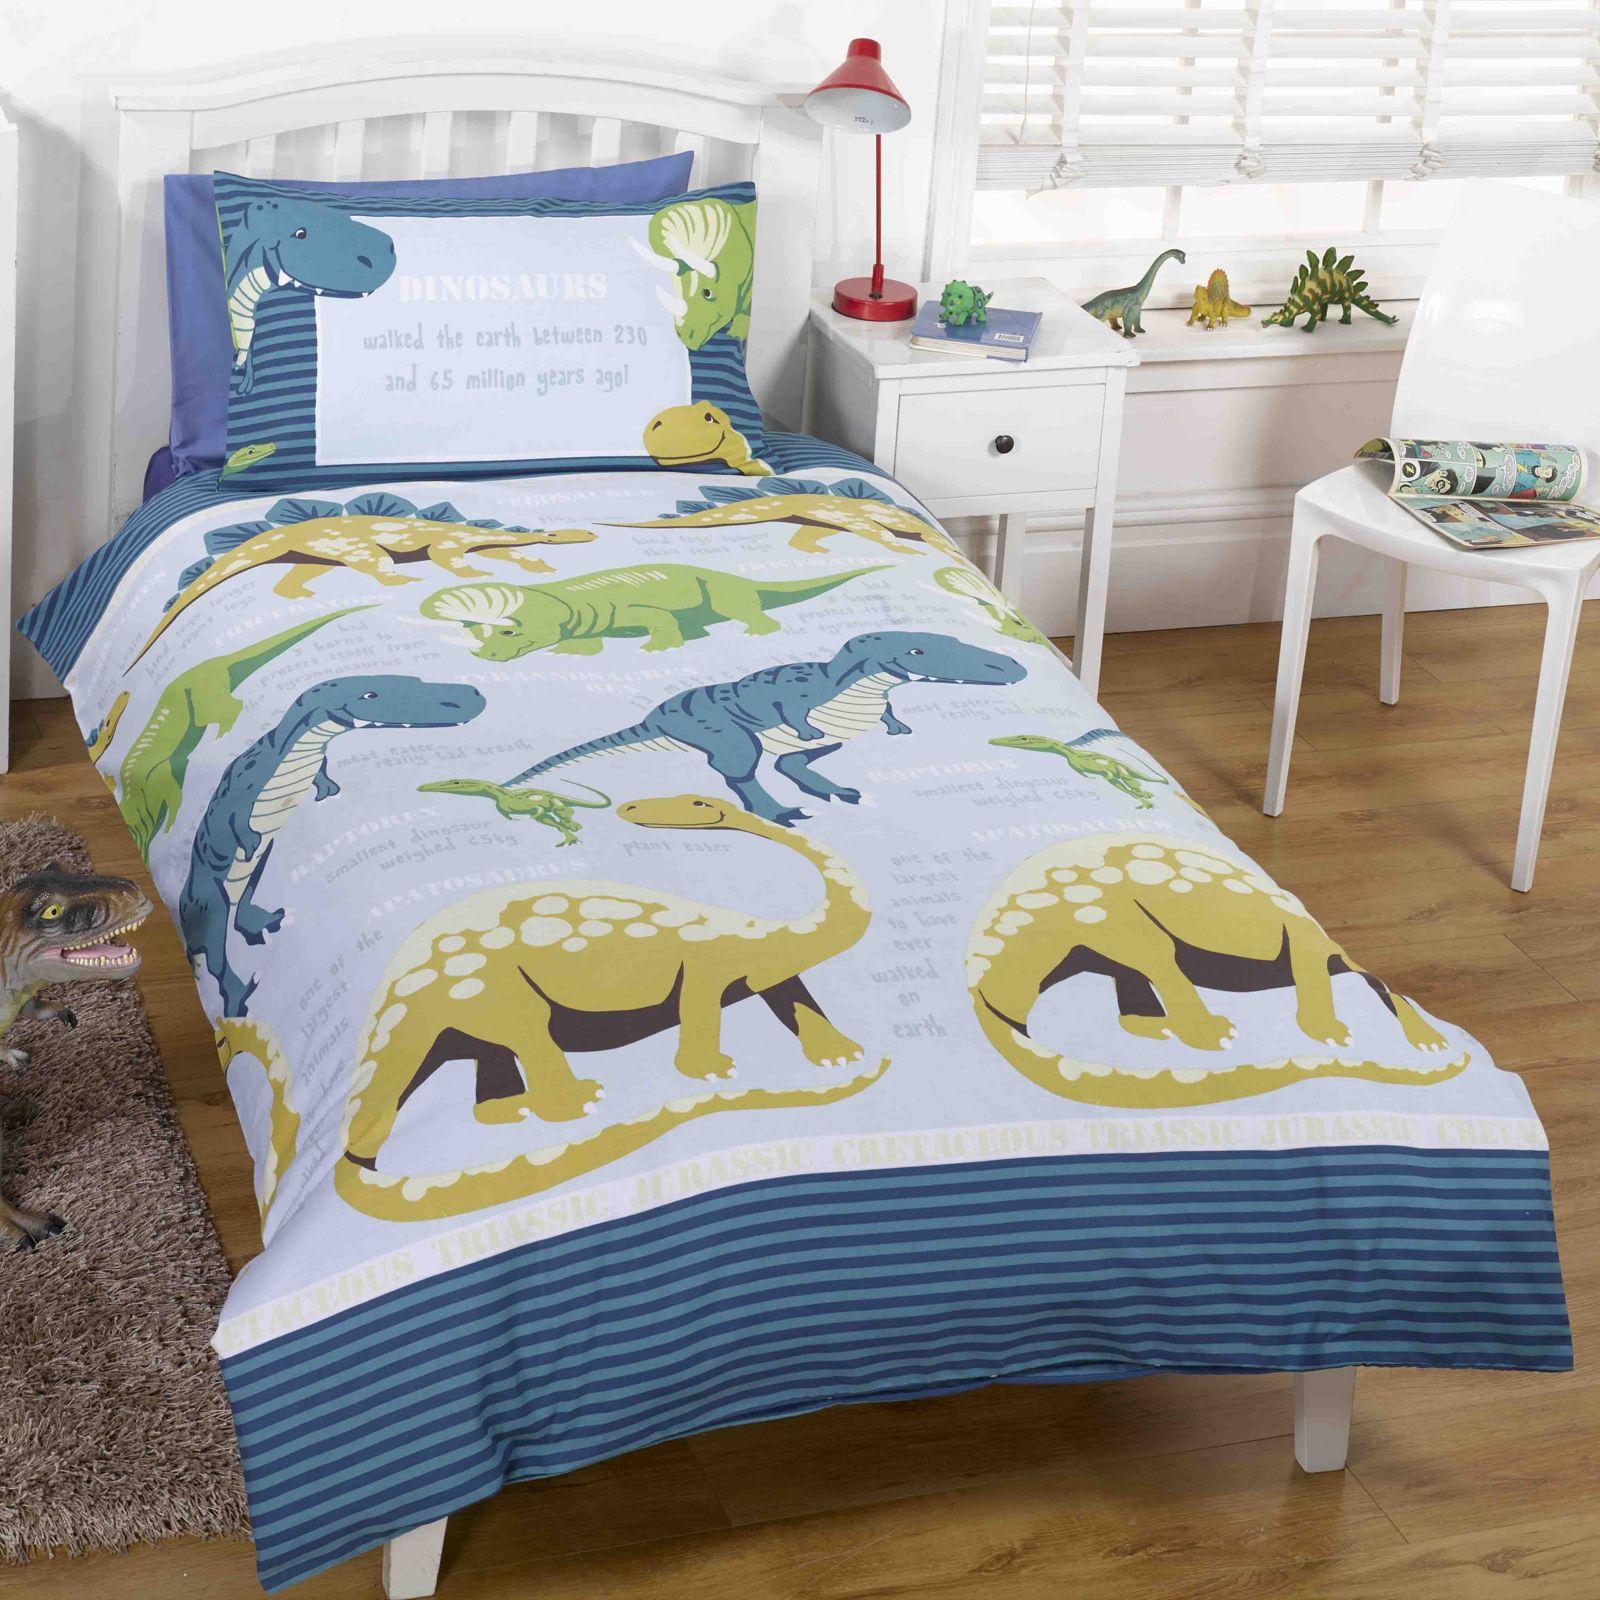 Dinosaur Bedding For Boys For Pinterest